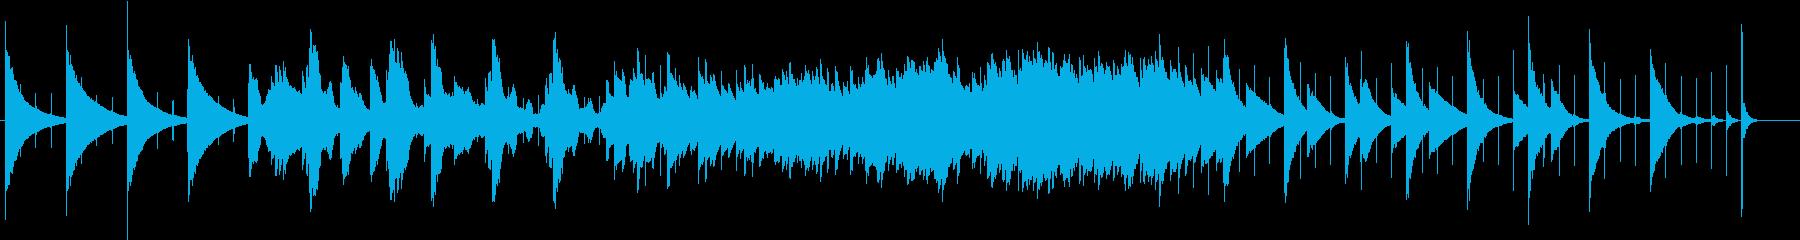 秒針音、悲しげ、ノスタルジーなオルゴールの再生済みの波形